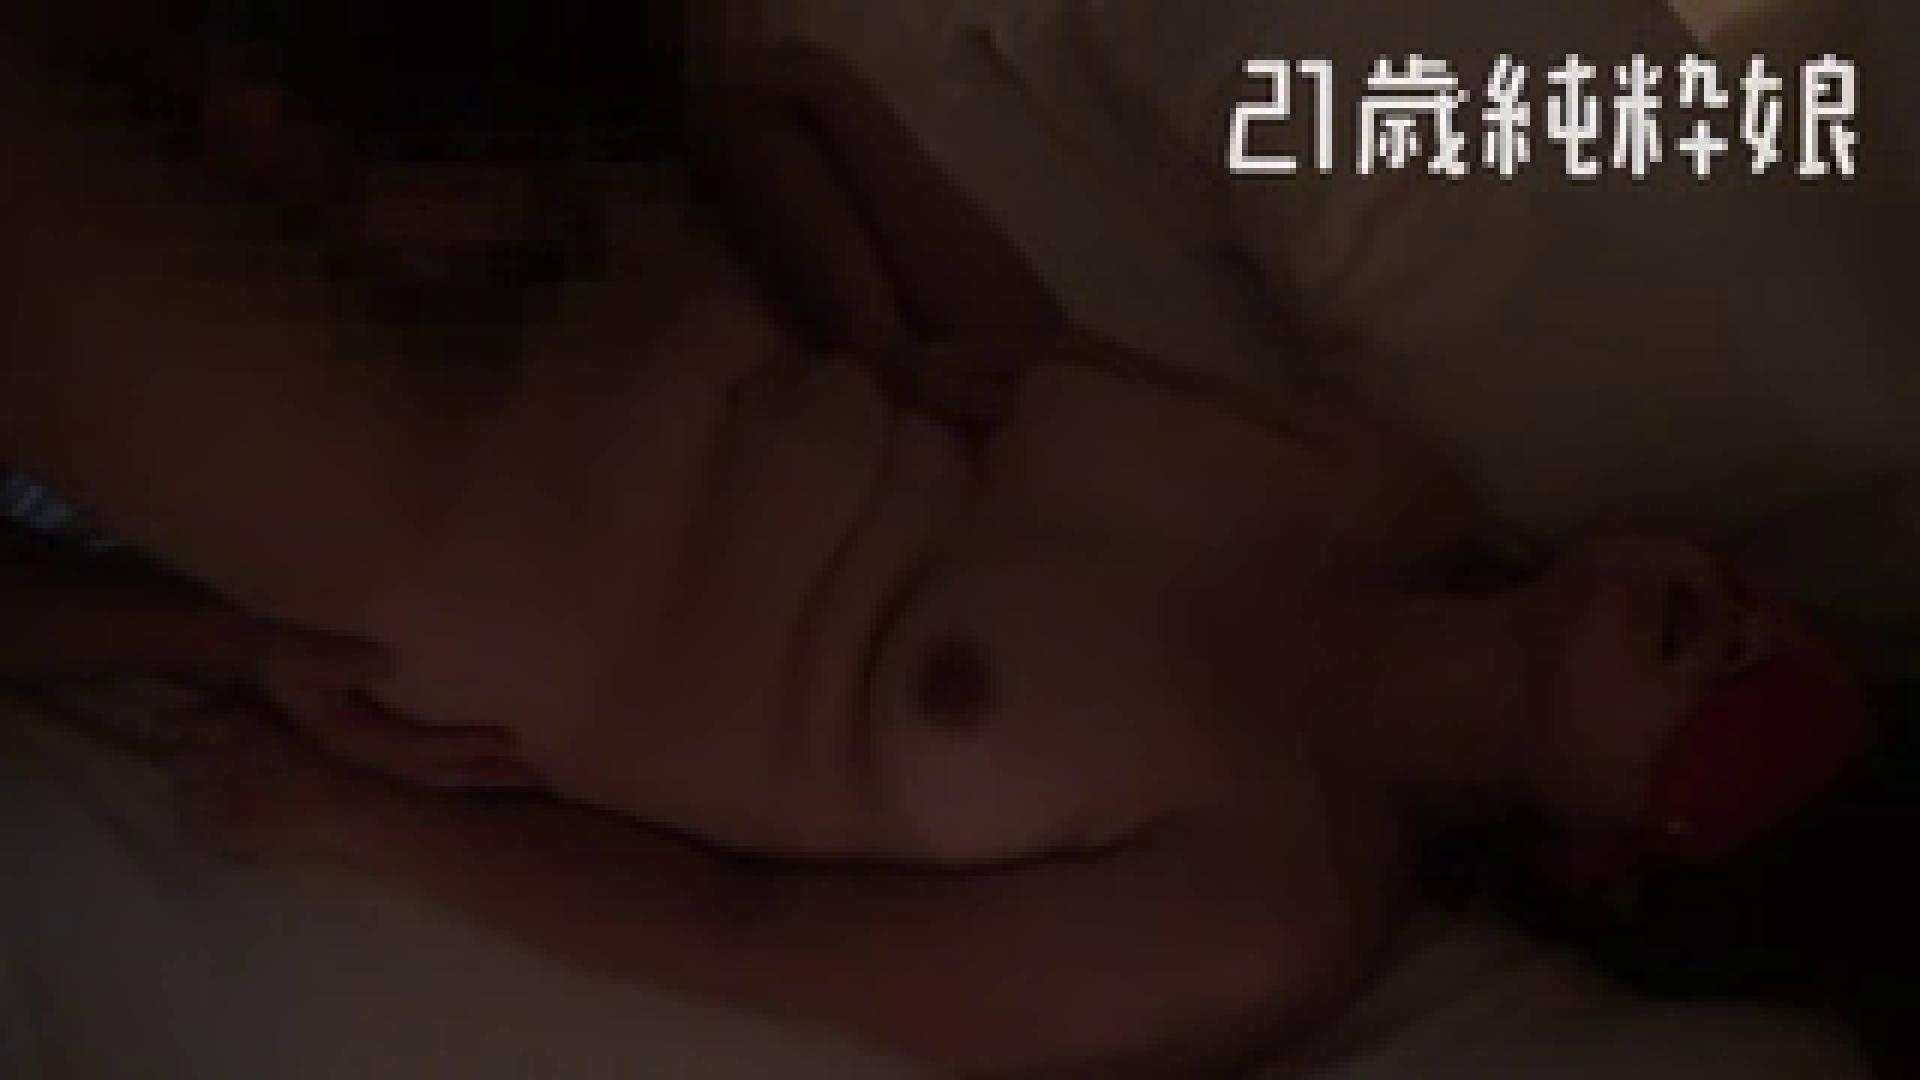 上京したばかりのGカップ21歳純粋嬢を都合の良い女にしてみた4 ホテル  75連発 72